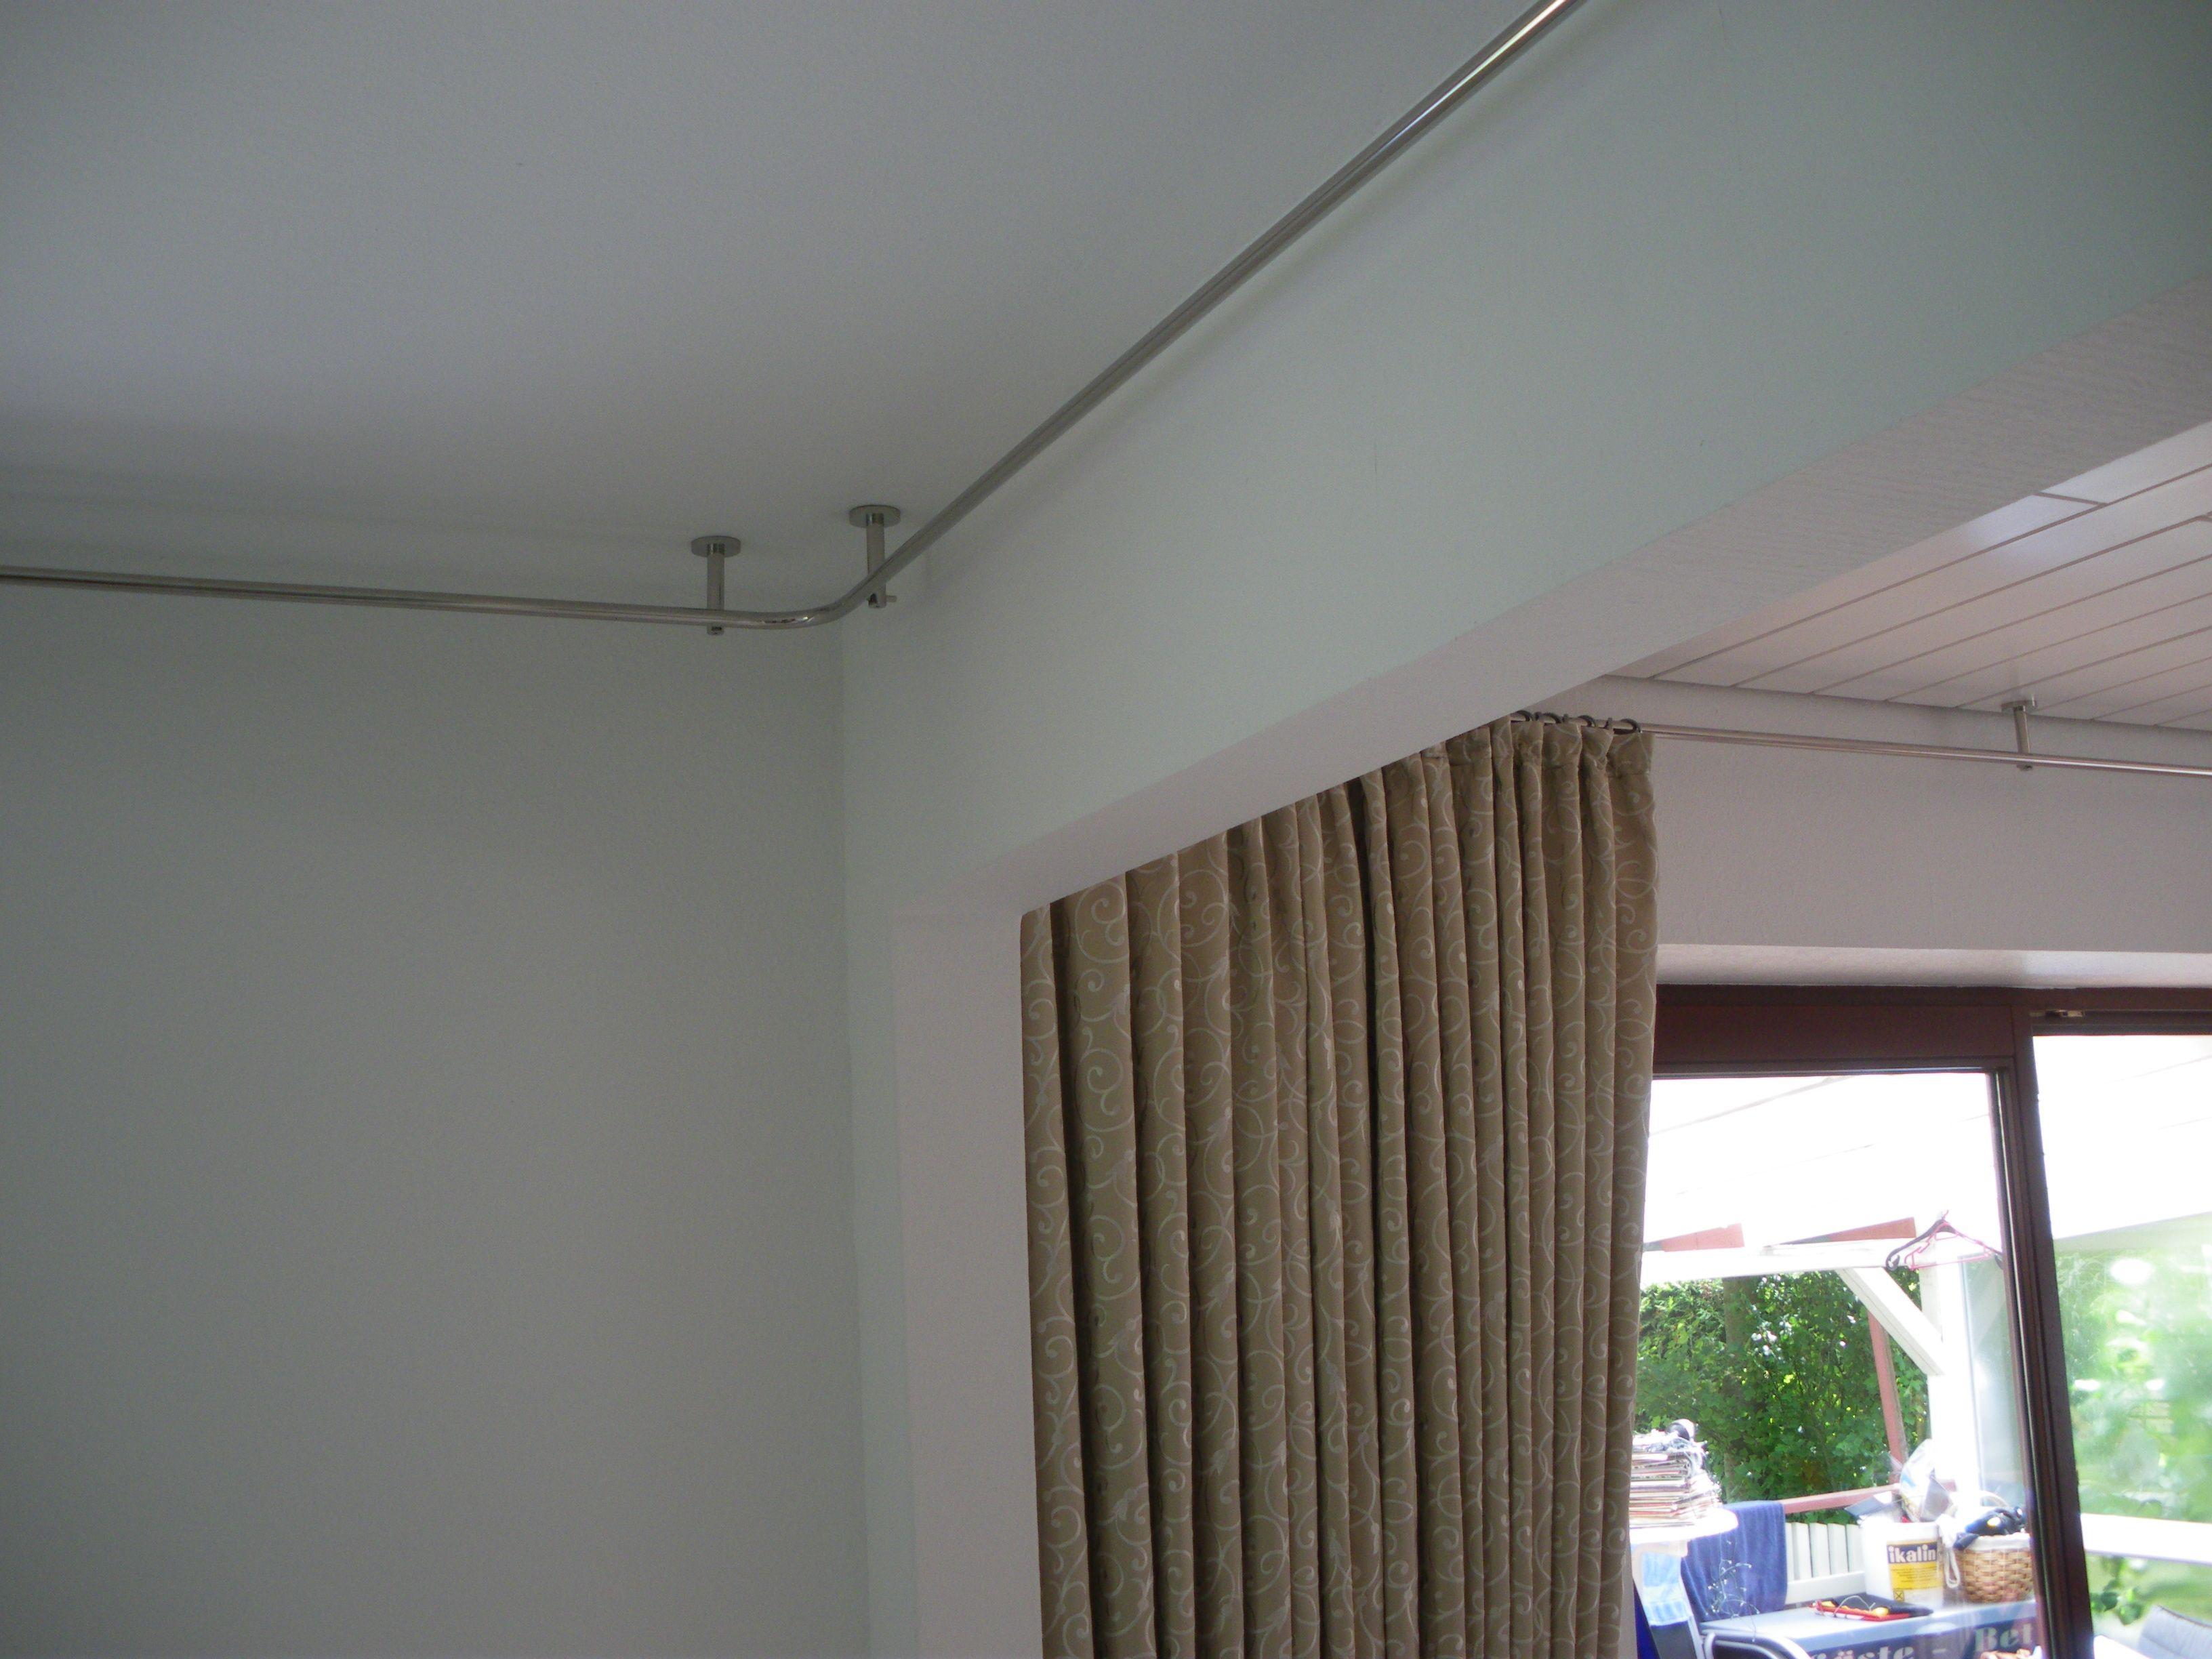 Dasbesondere Besondere Stilgarnitur Gebogen Zur Deckenmontage